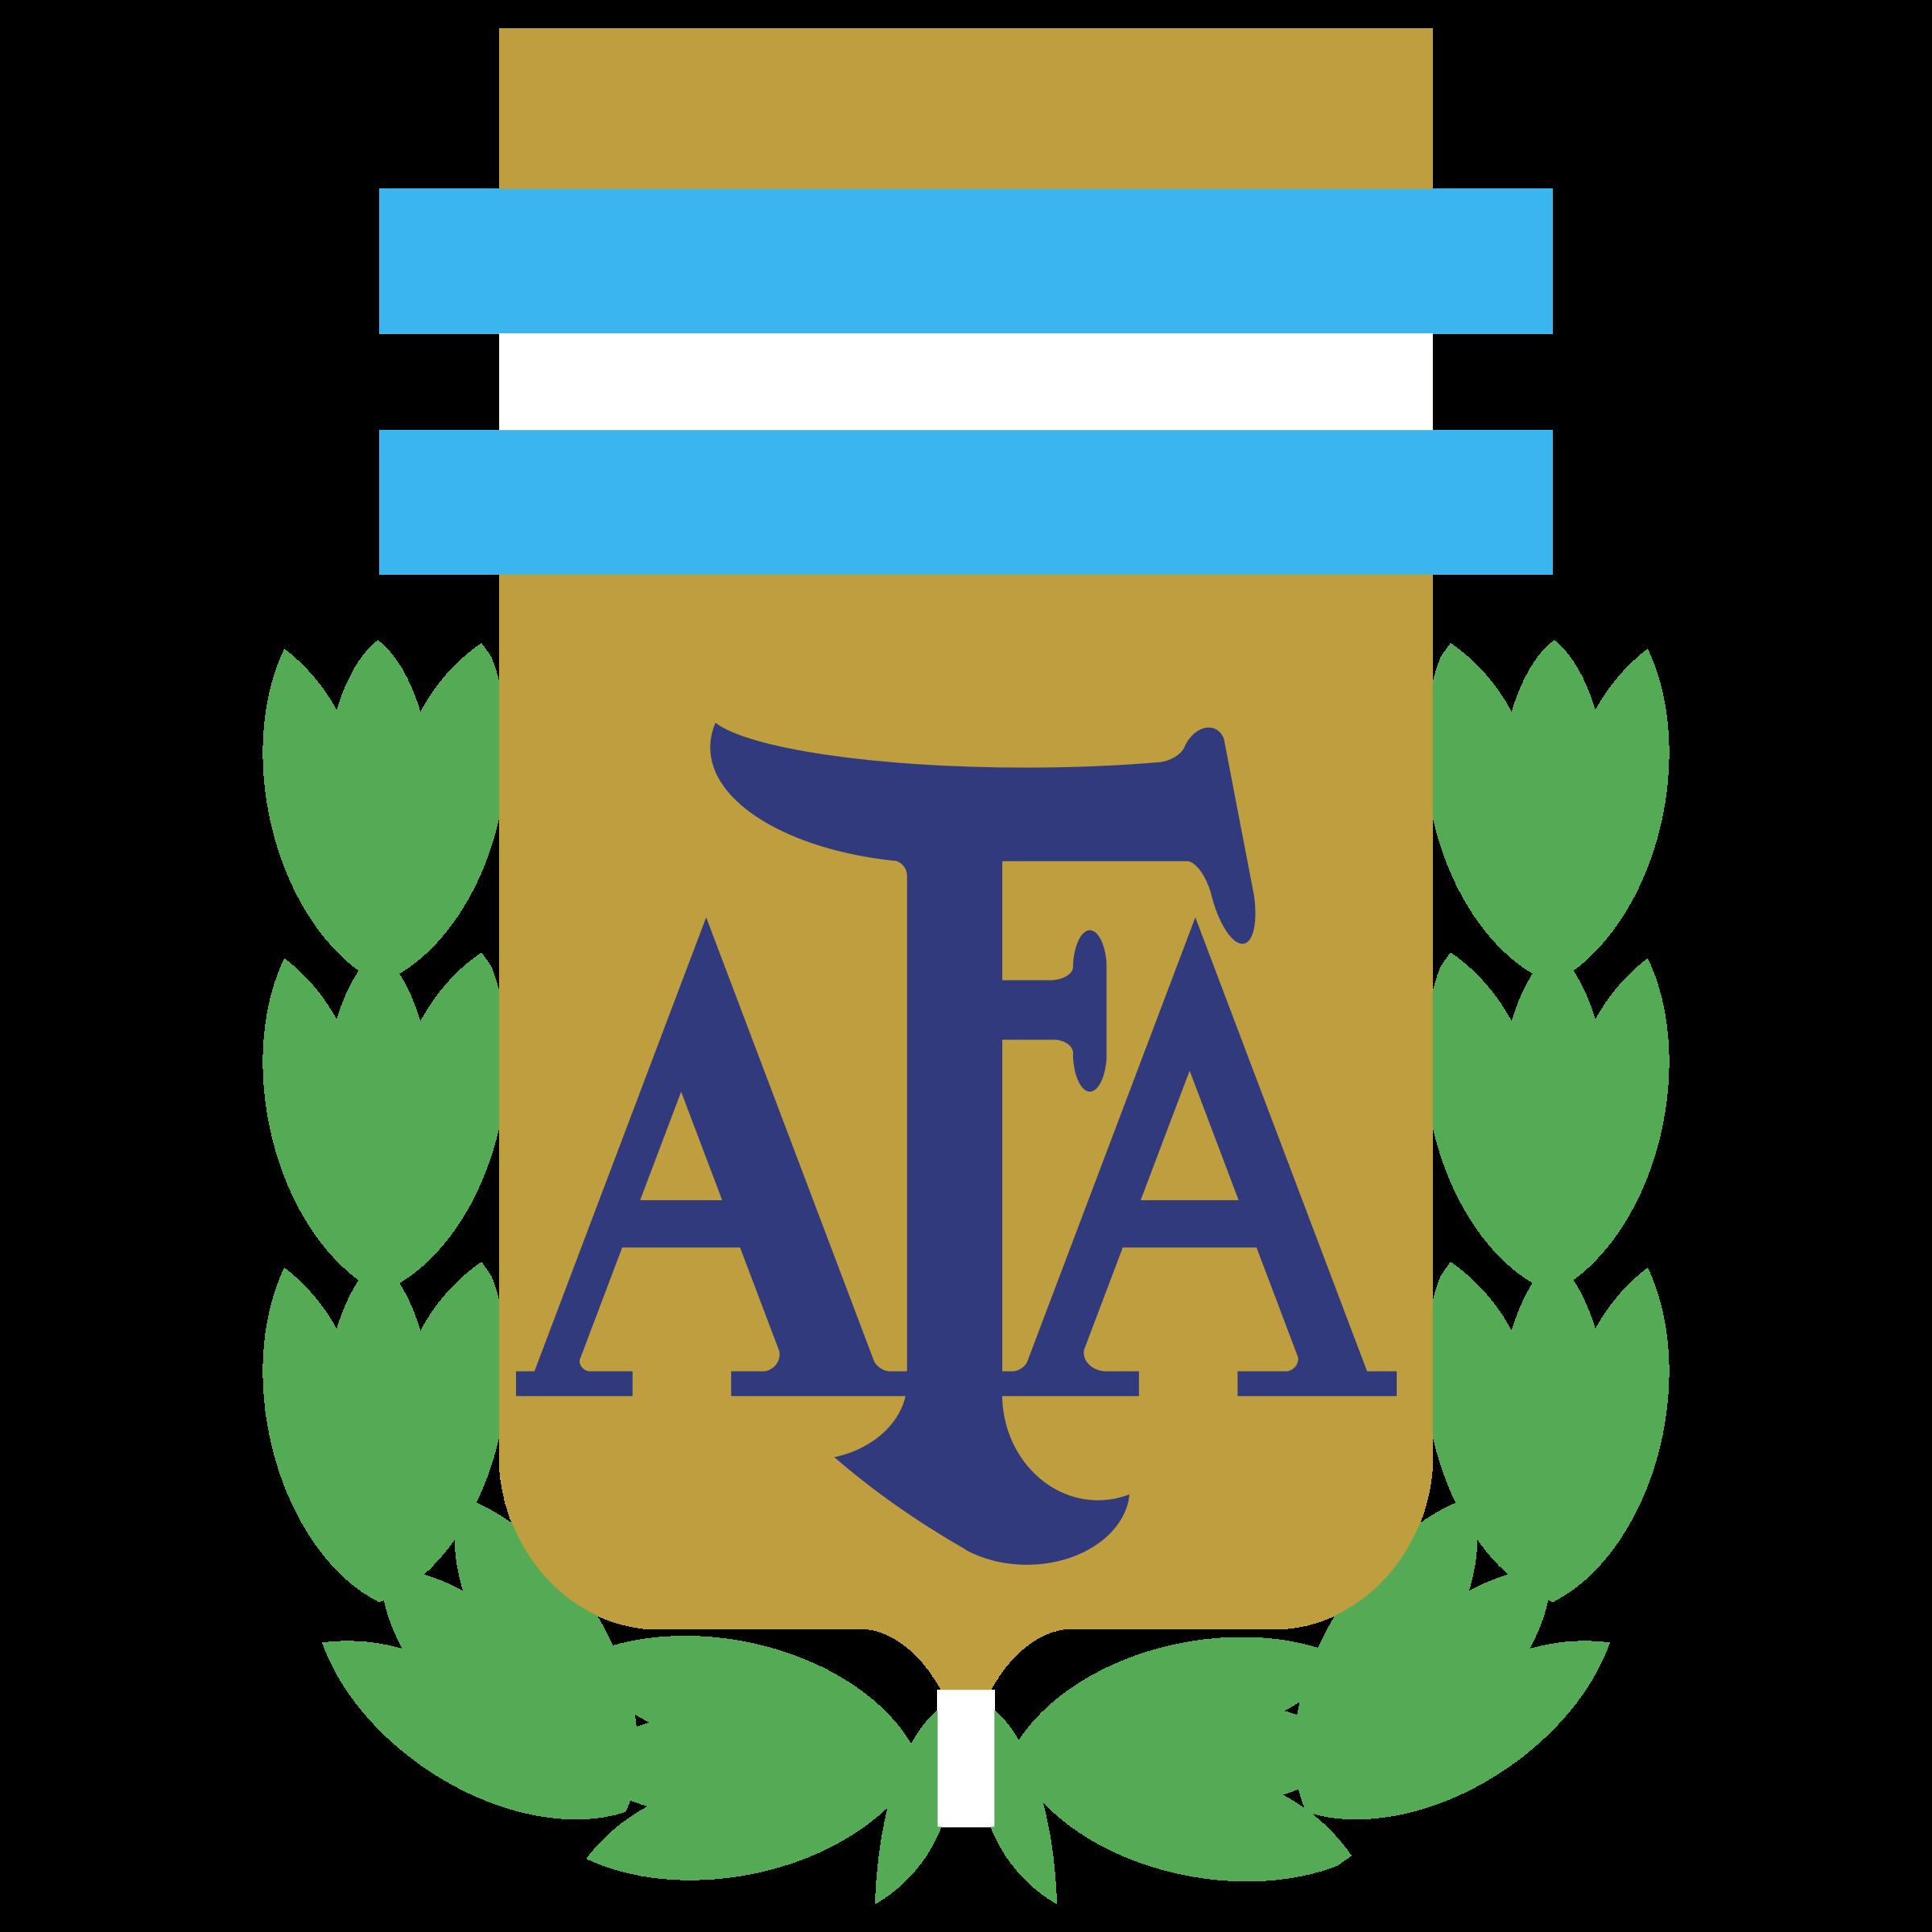 afa logo png transparent svg vector freebie supply rh freebiesupply com alfa logo af logo